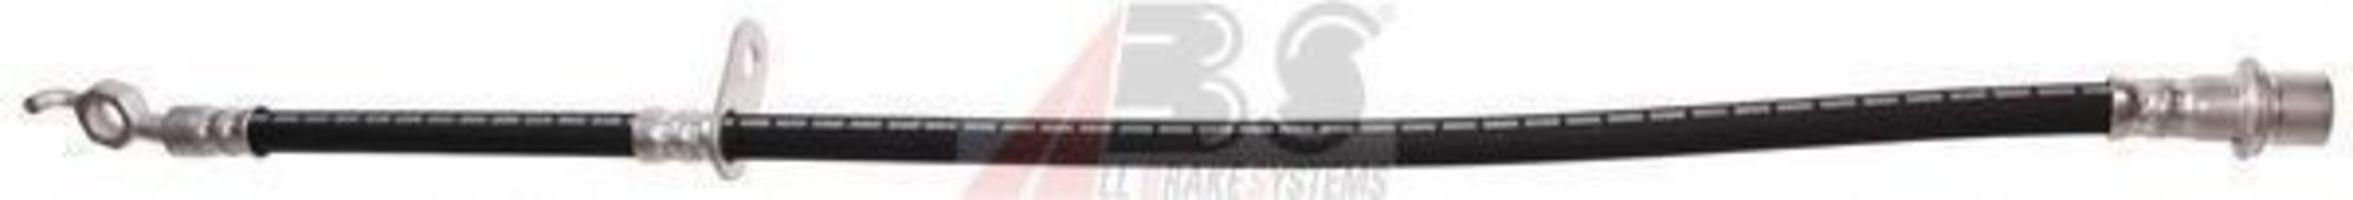 Шланг тормозной A.B.S. SL 5293